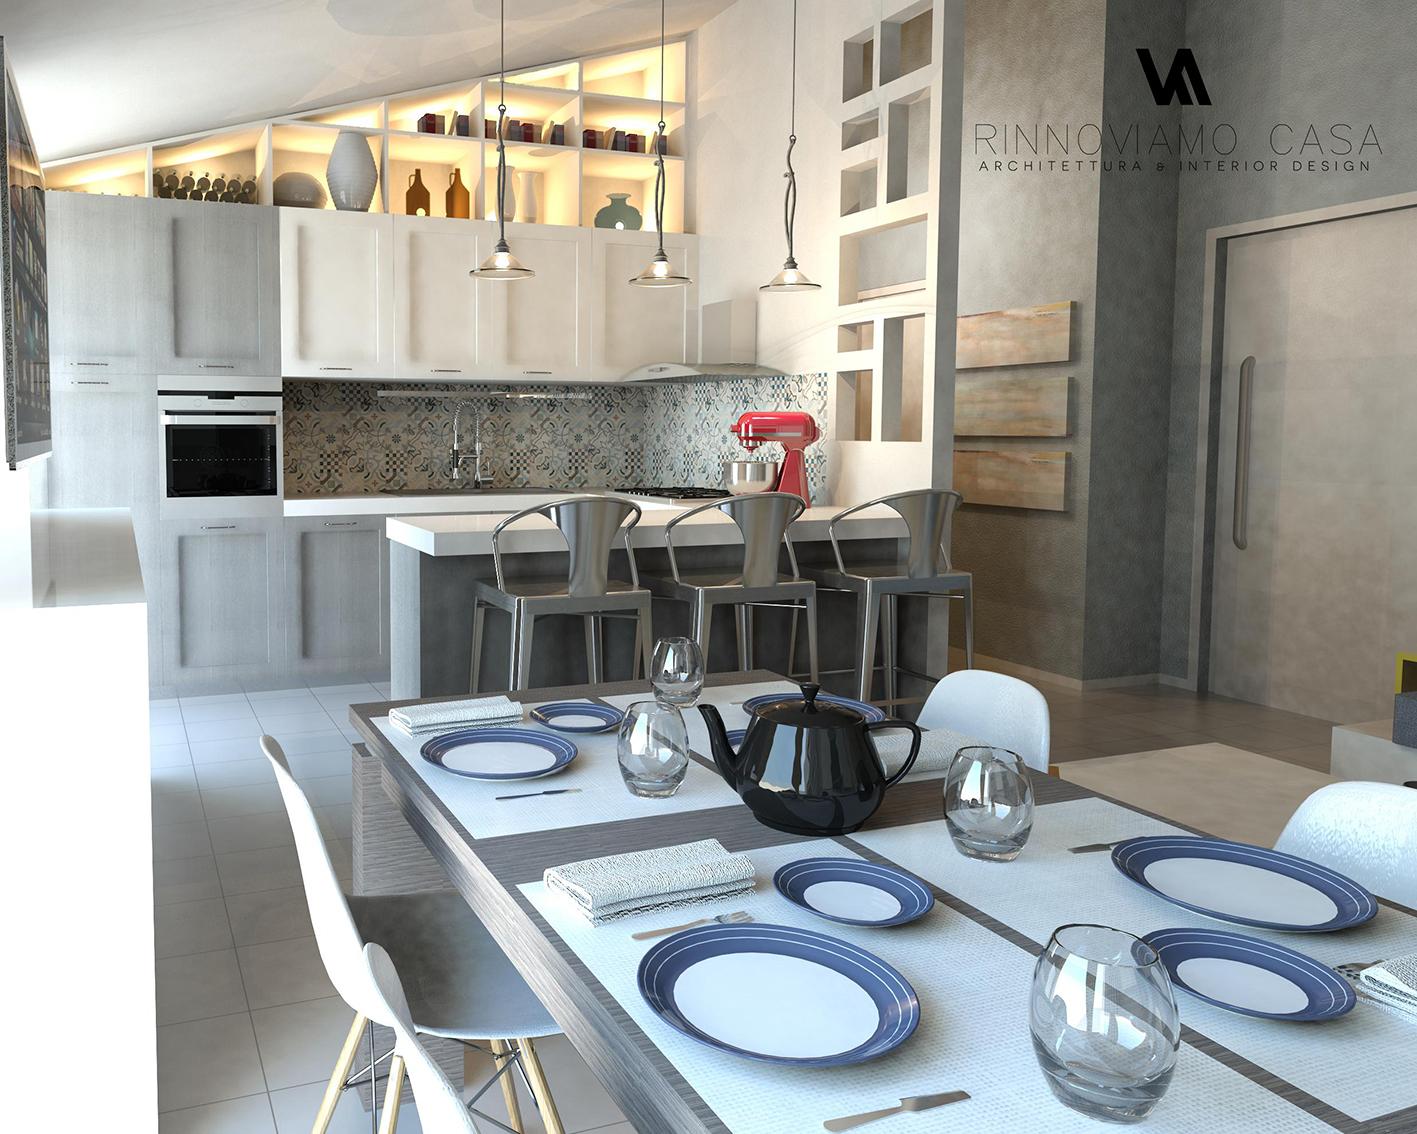 Progetti rinnoviamo casa consulenza architettonica e for Progettazione online